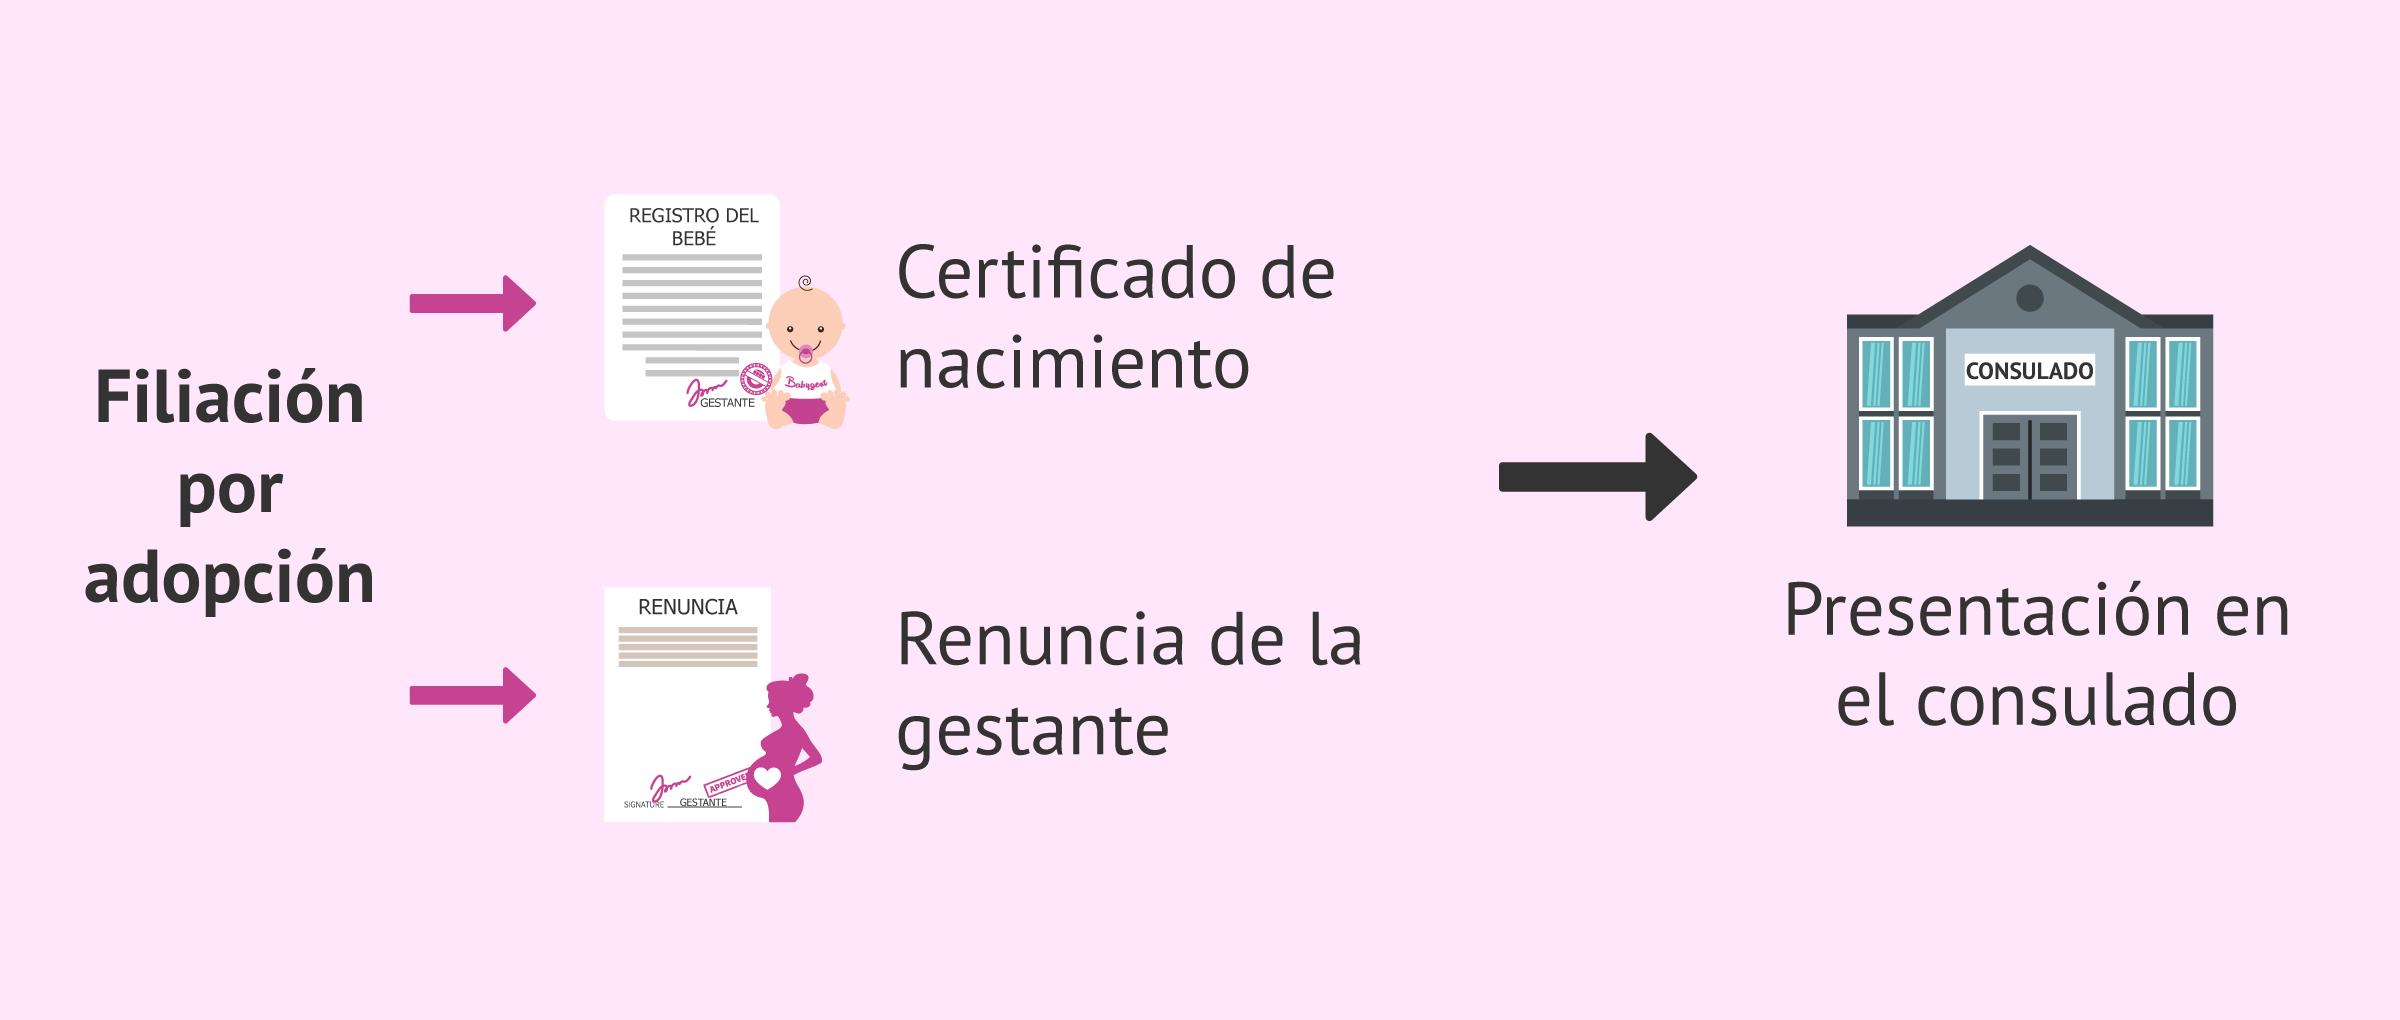 Filiación administrativa por adopción